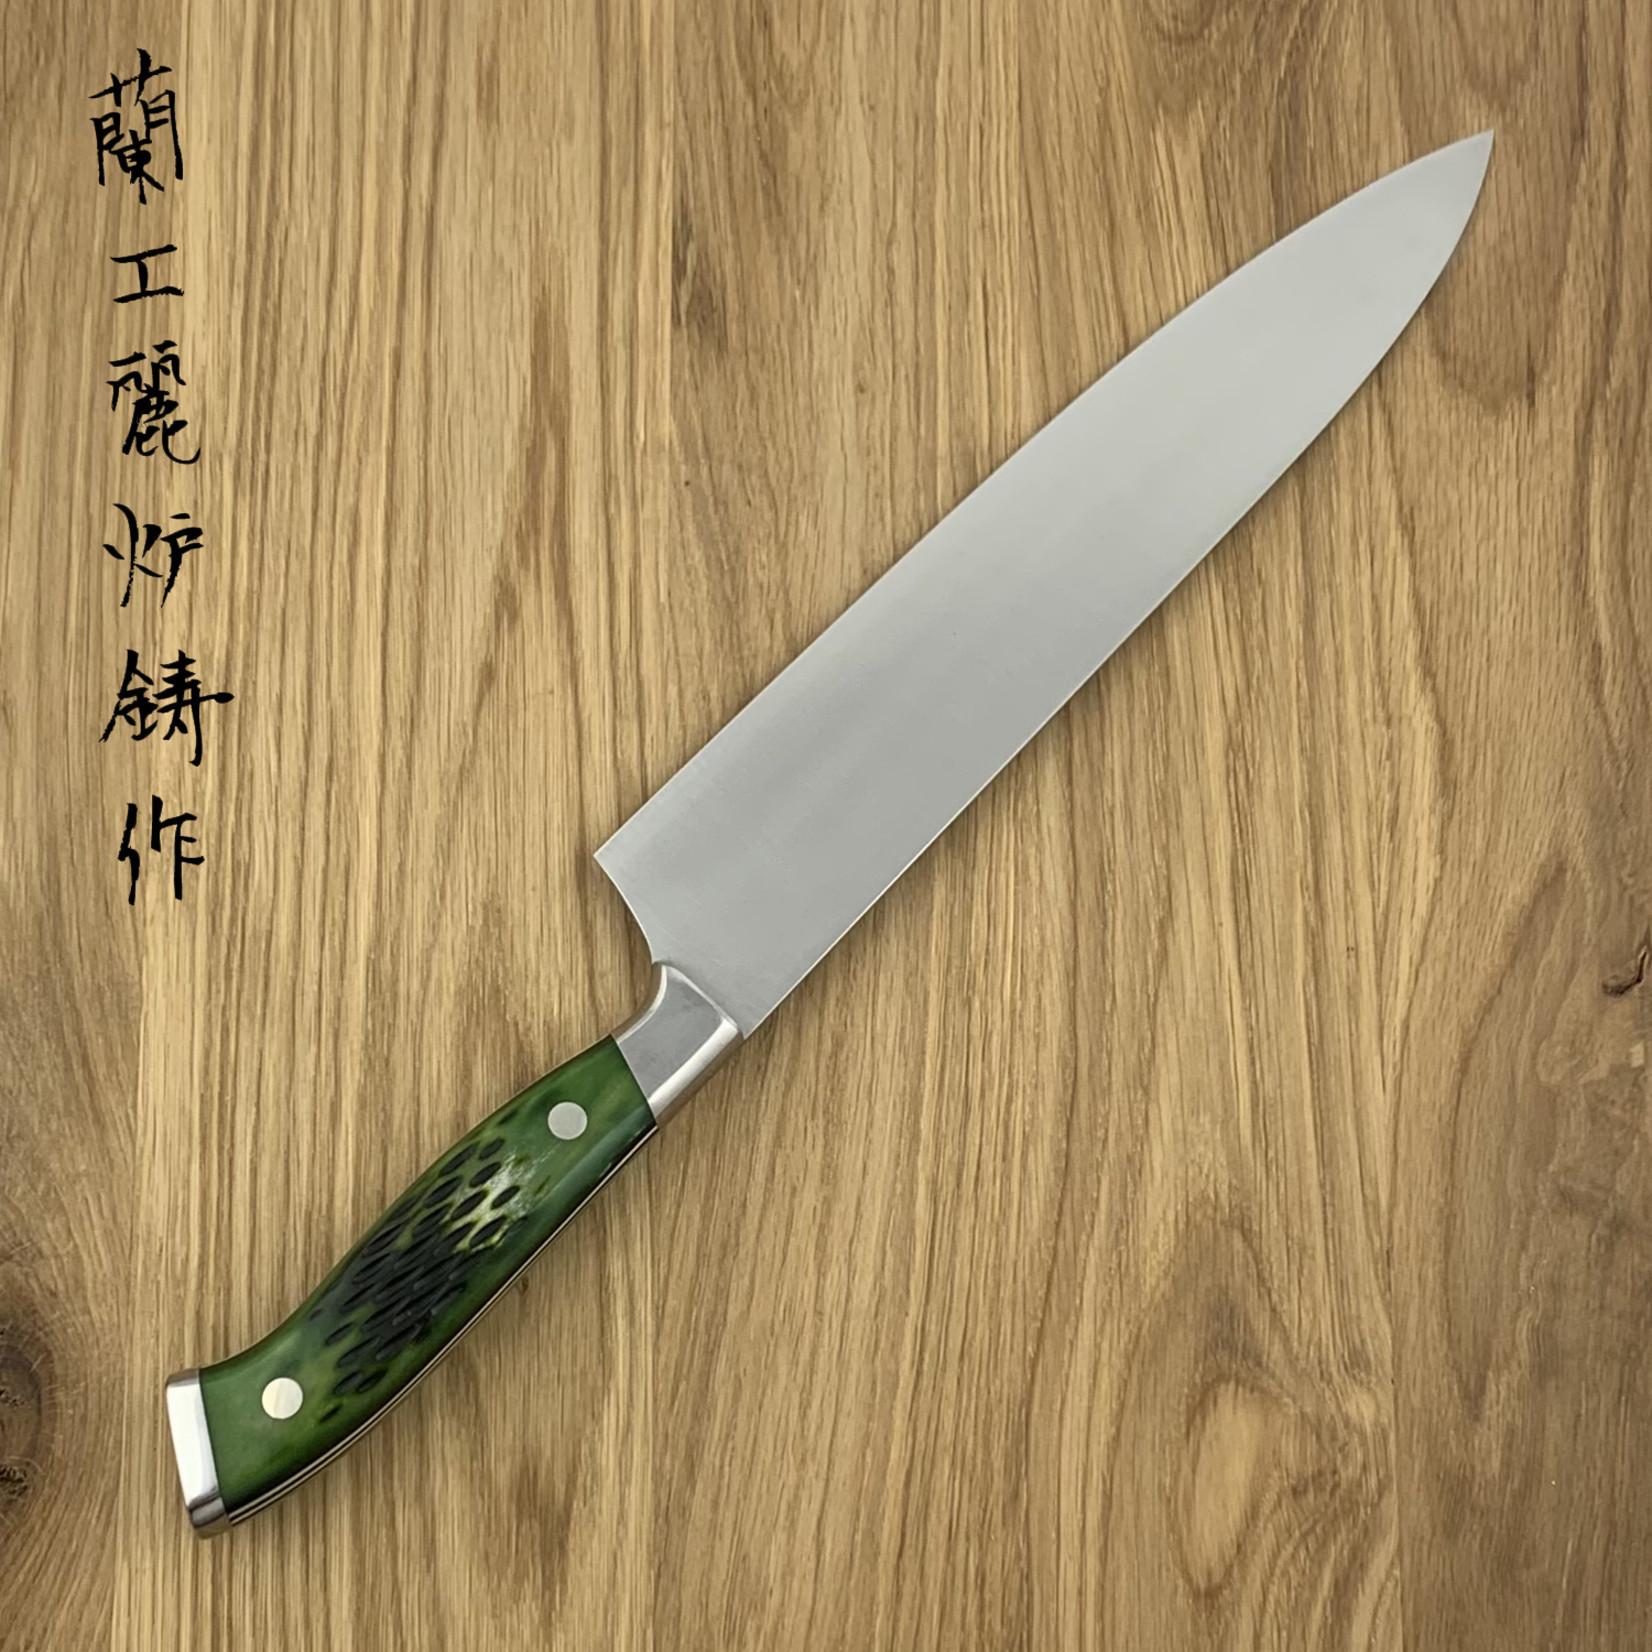 NENOHI NENOX Premium groen gyuto 210 mm